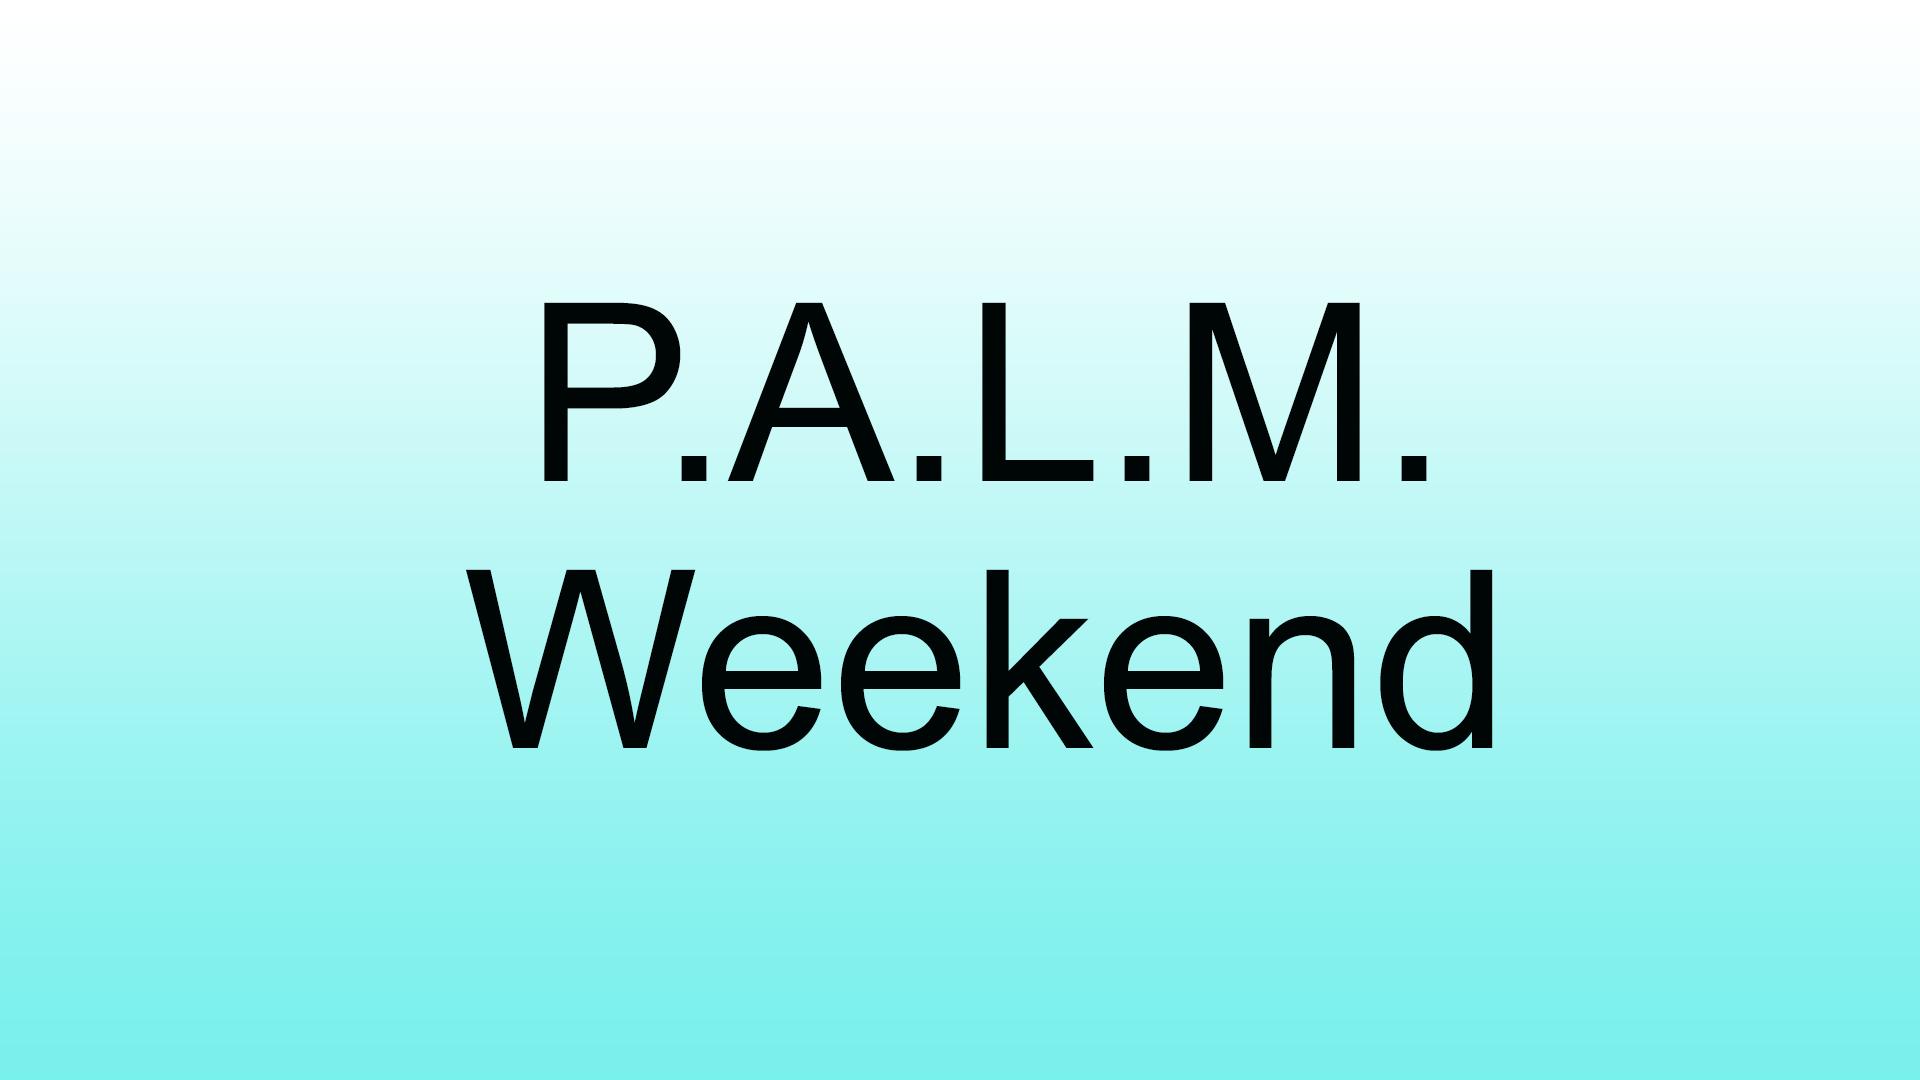 Watch/Listen P.A.L.M. Weekend